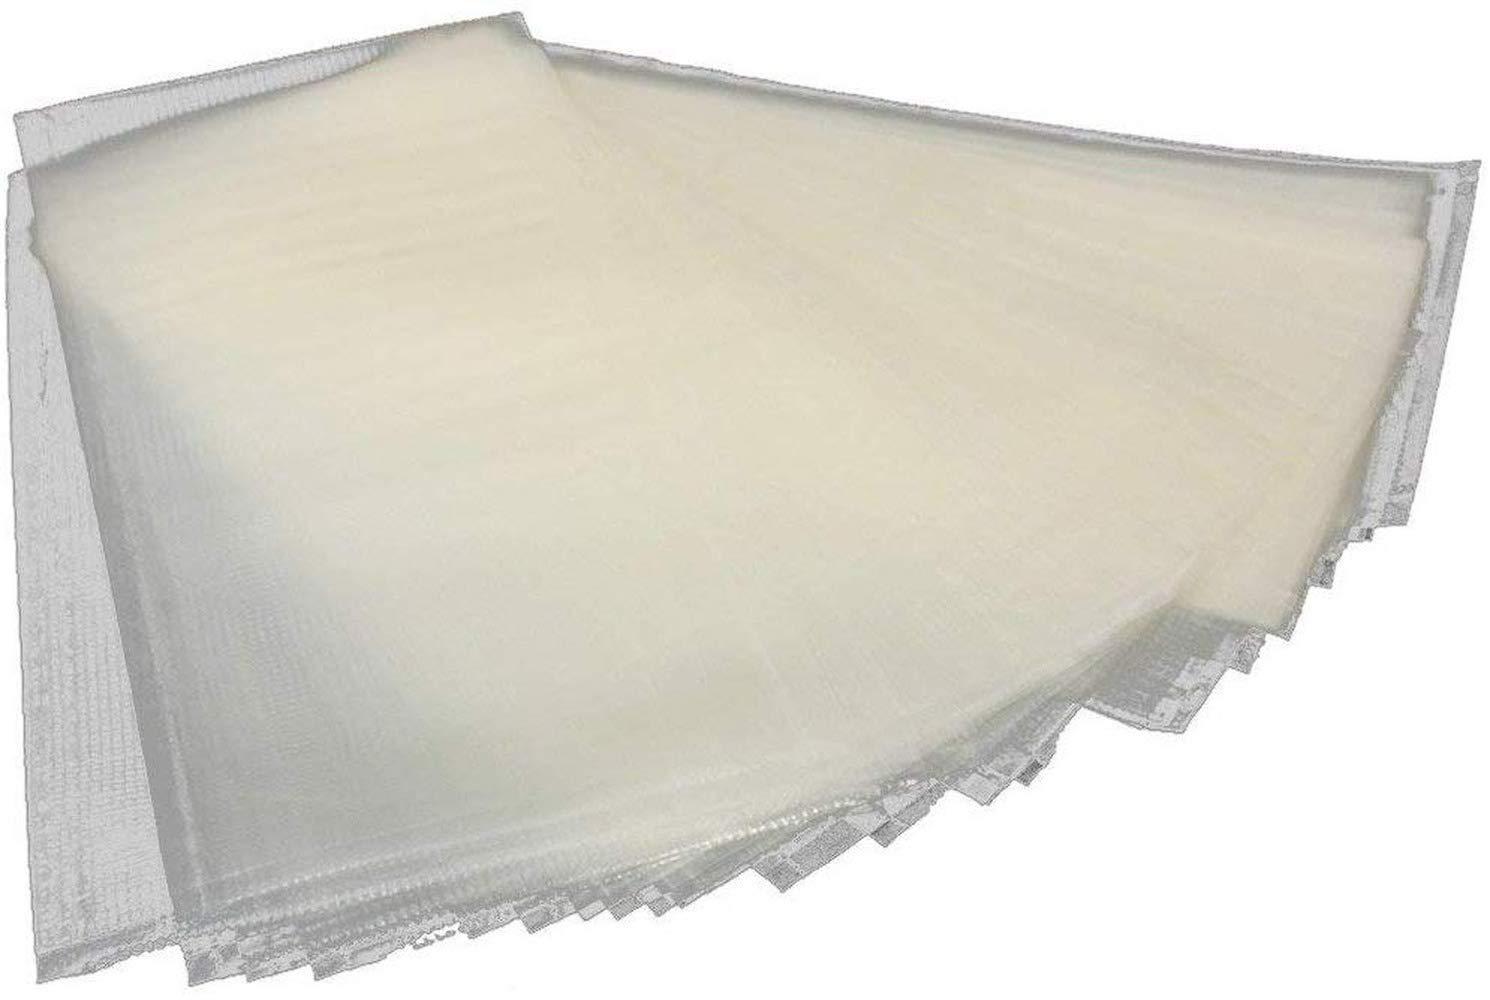 zum Wasserl/ösen 250 St/ück Karpfenangeln Esoar PVA Beutel f/ür Karpfenangeln